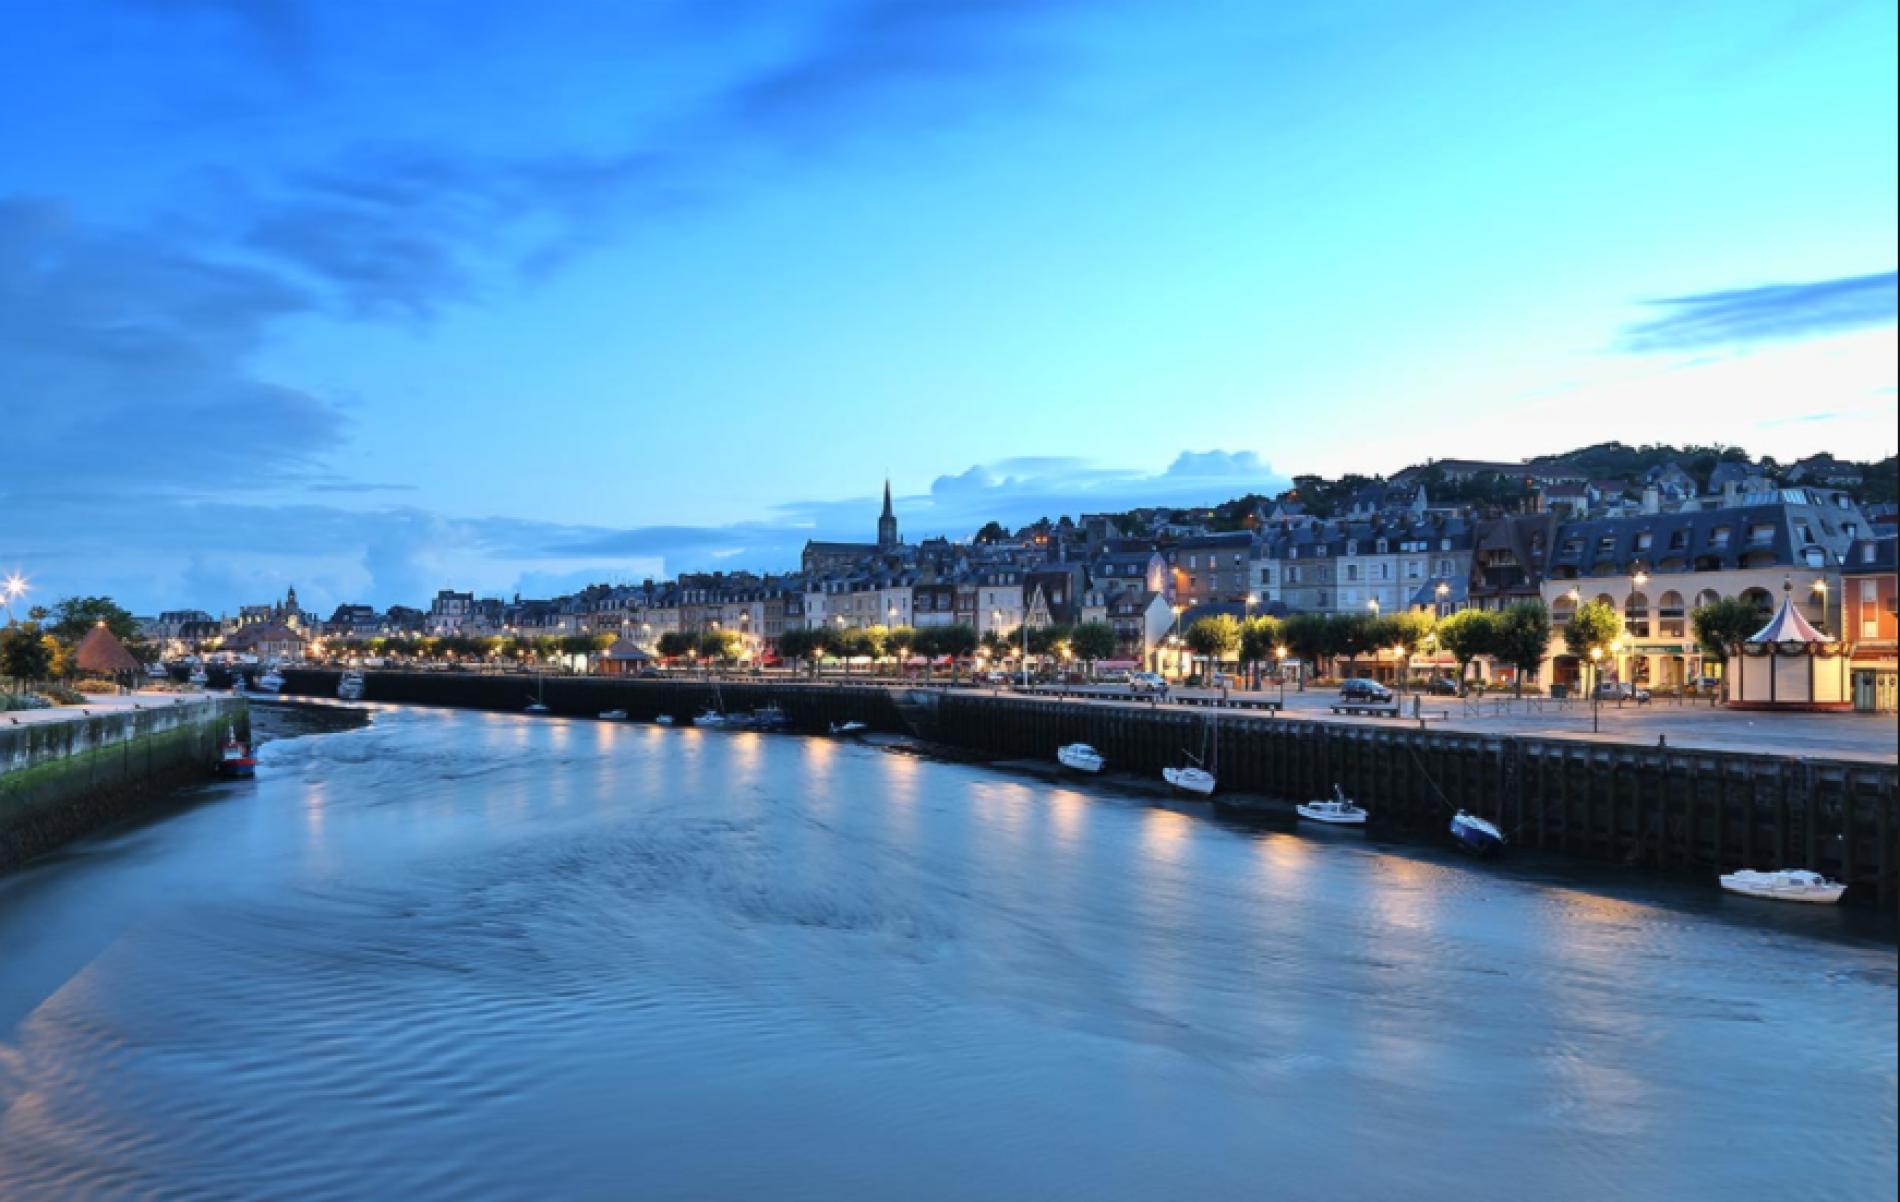 Moyen Séjour... 4 nuits à Honfleur, en bord de mer Manoir de la poterie Honfleur